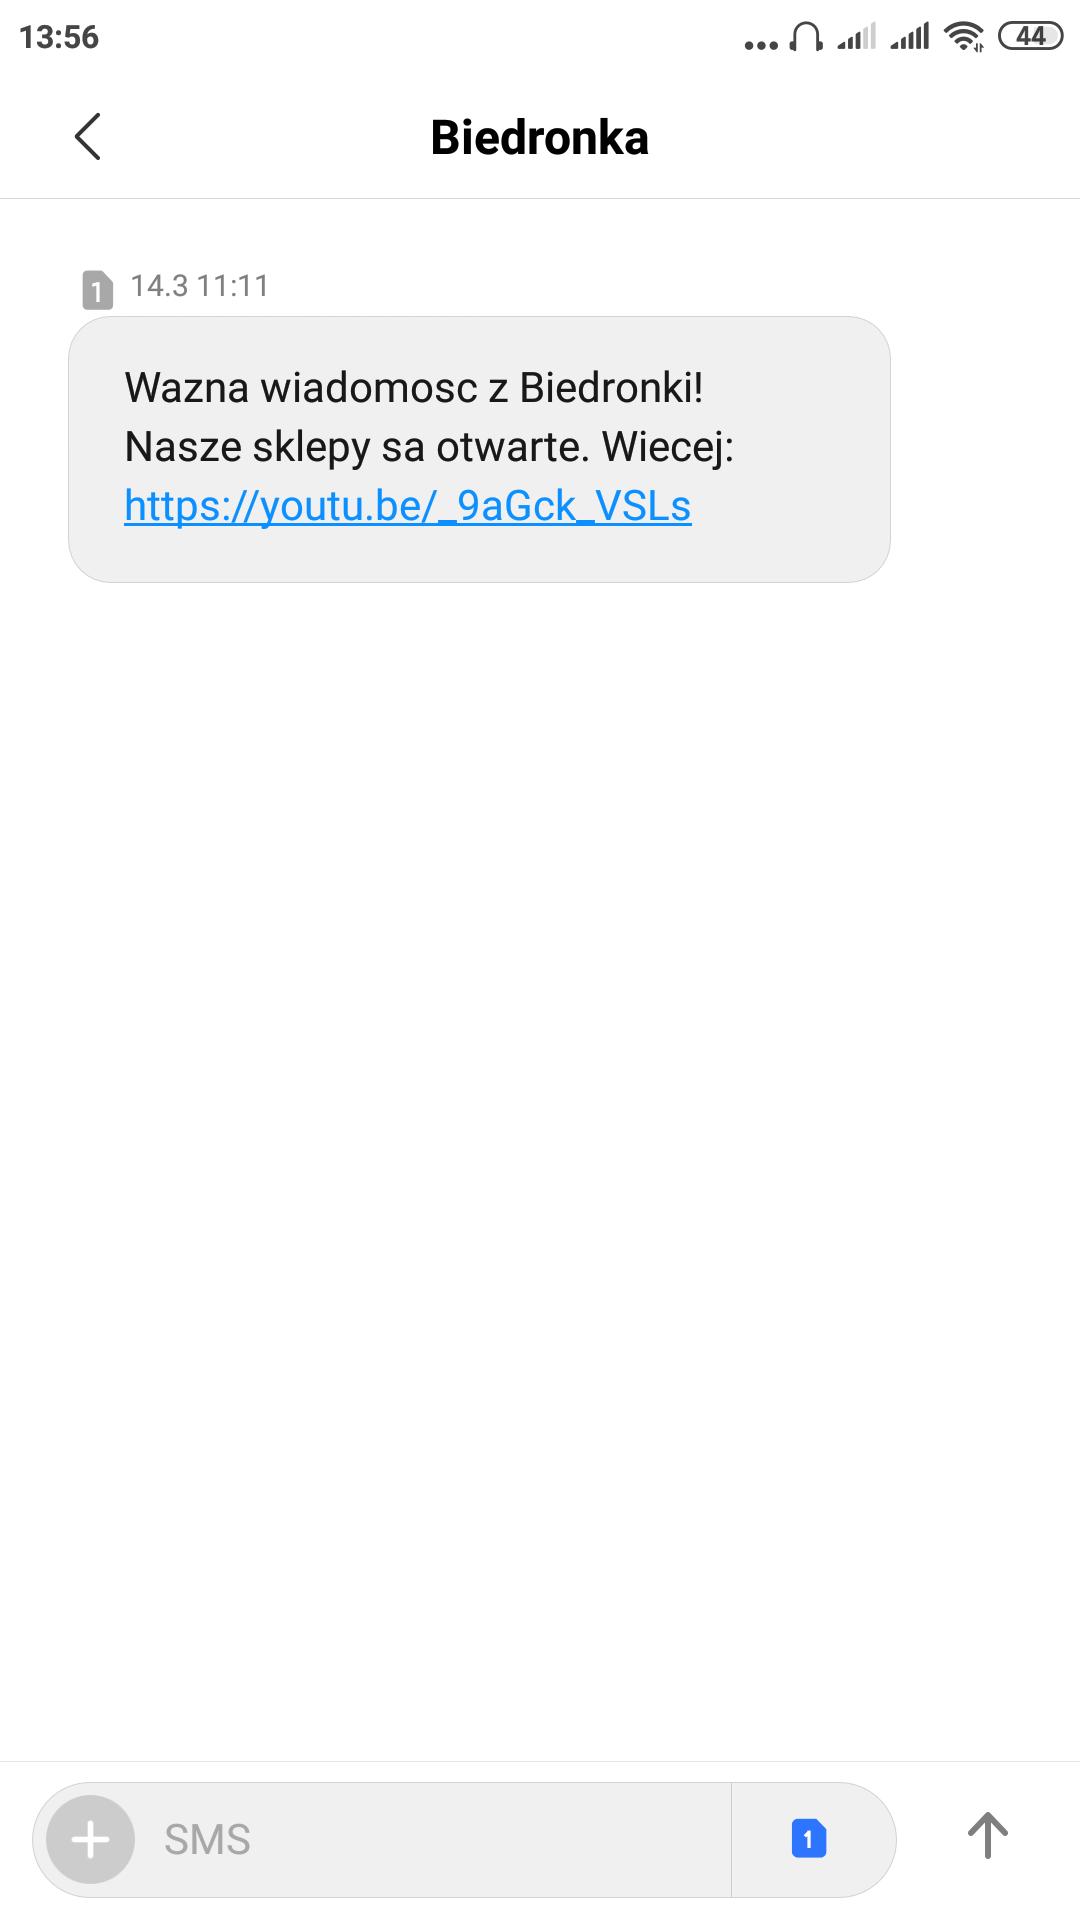 SMSAPI Biedronka SMS